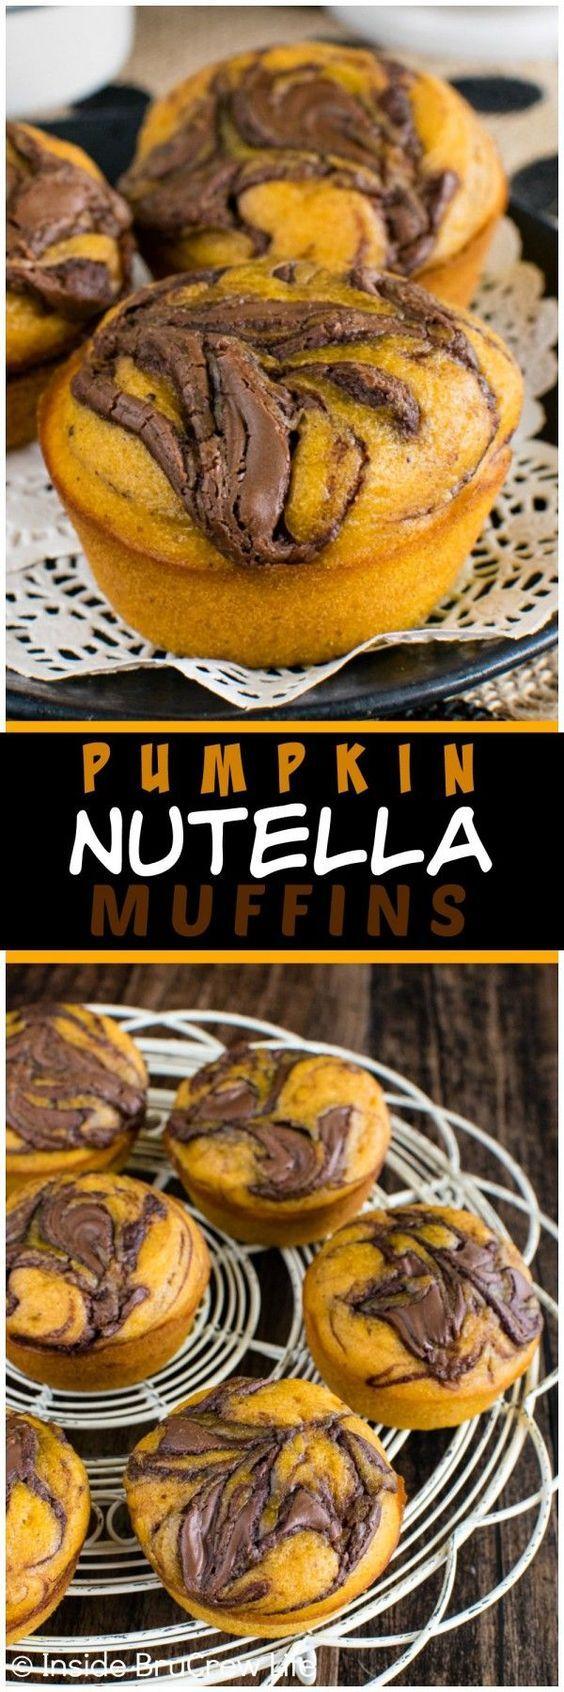 Pumpkin Nutella Muffins Recipe   Inside BruCrew Life